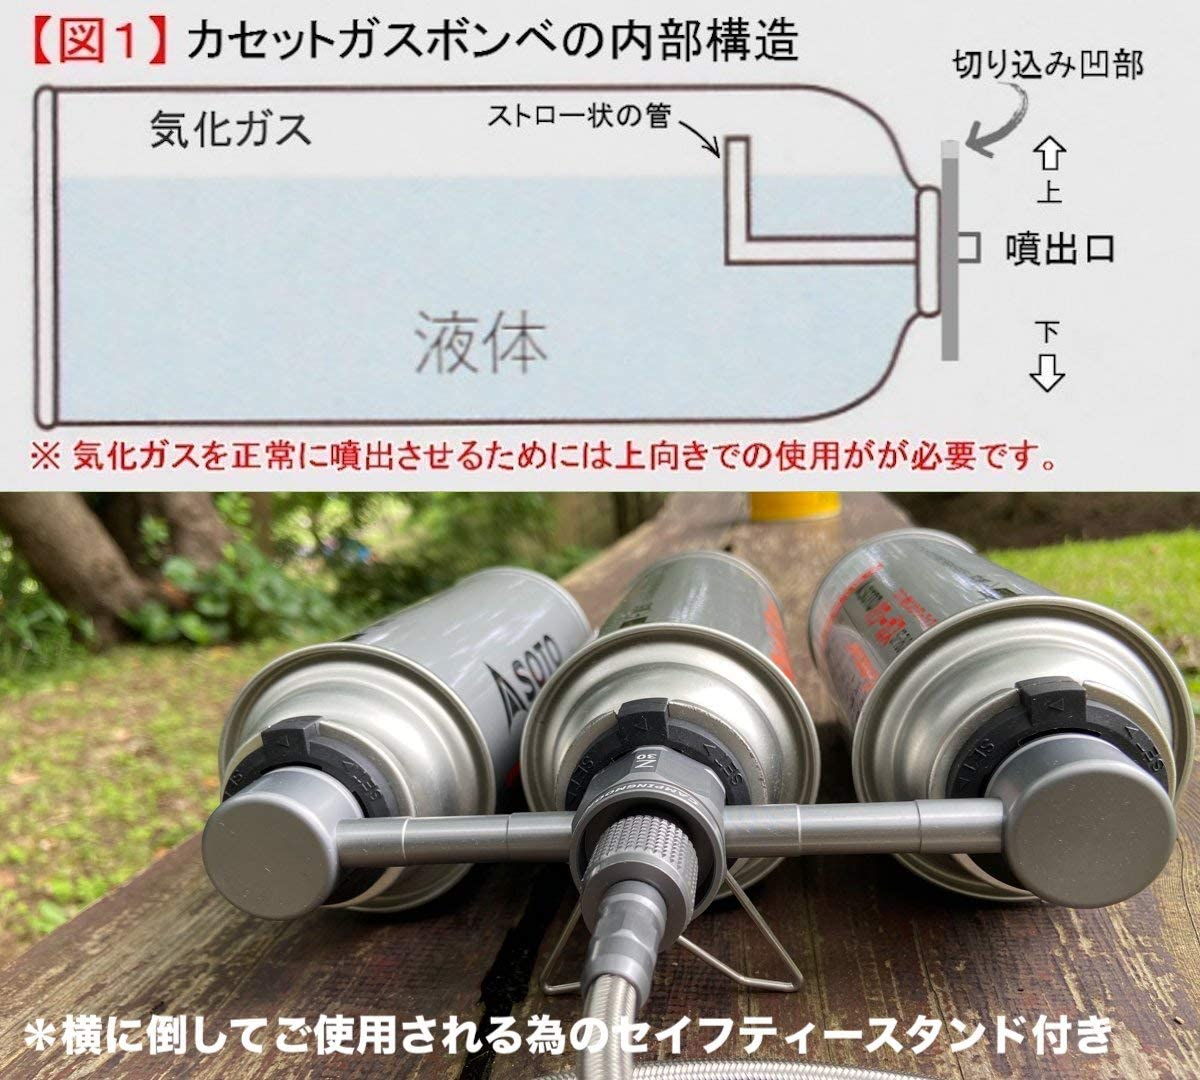 CB缶 ガスステーション セイフティースタンド型 3本連結式 Z13M/Z17/Z30